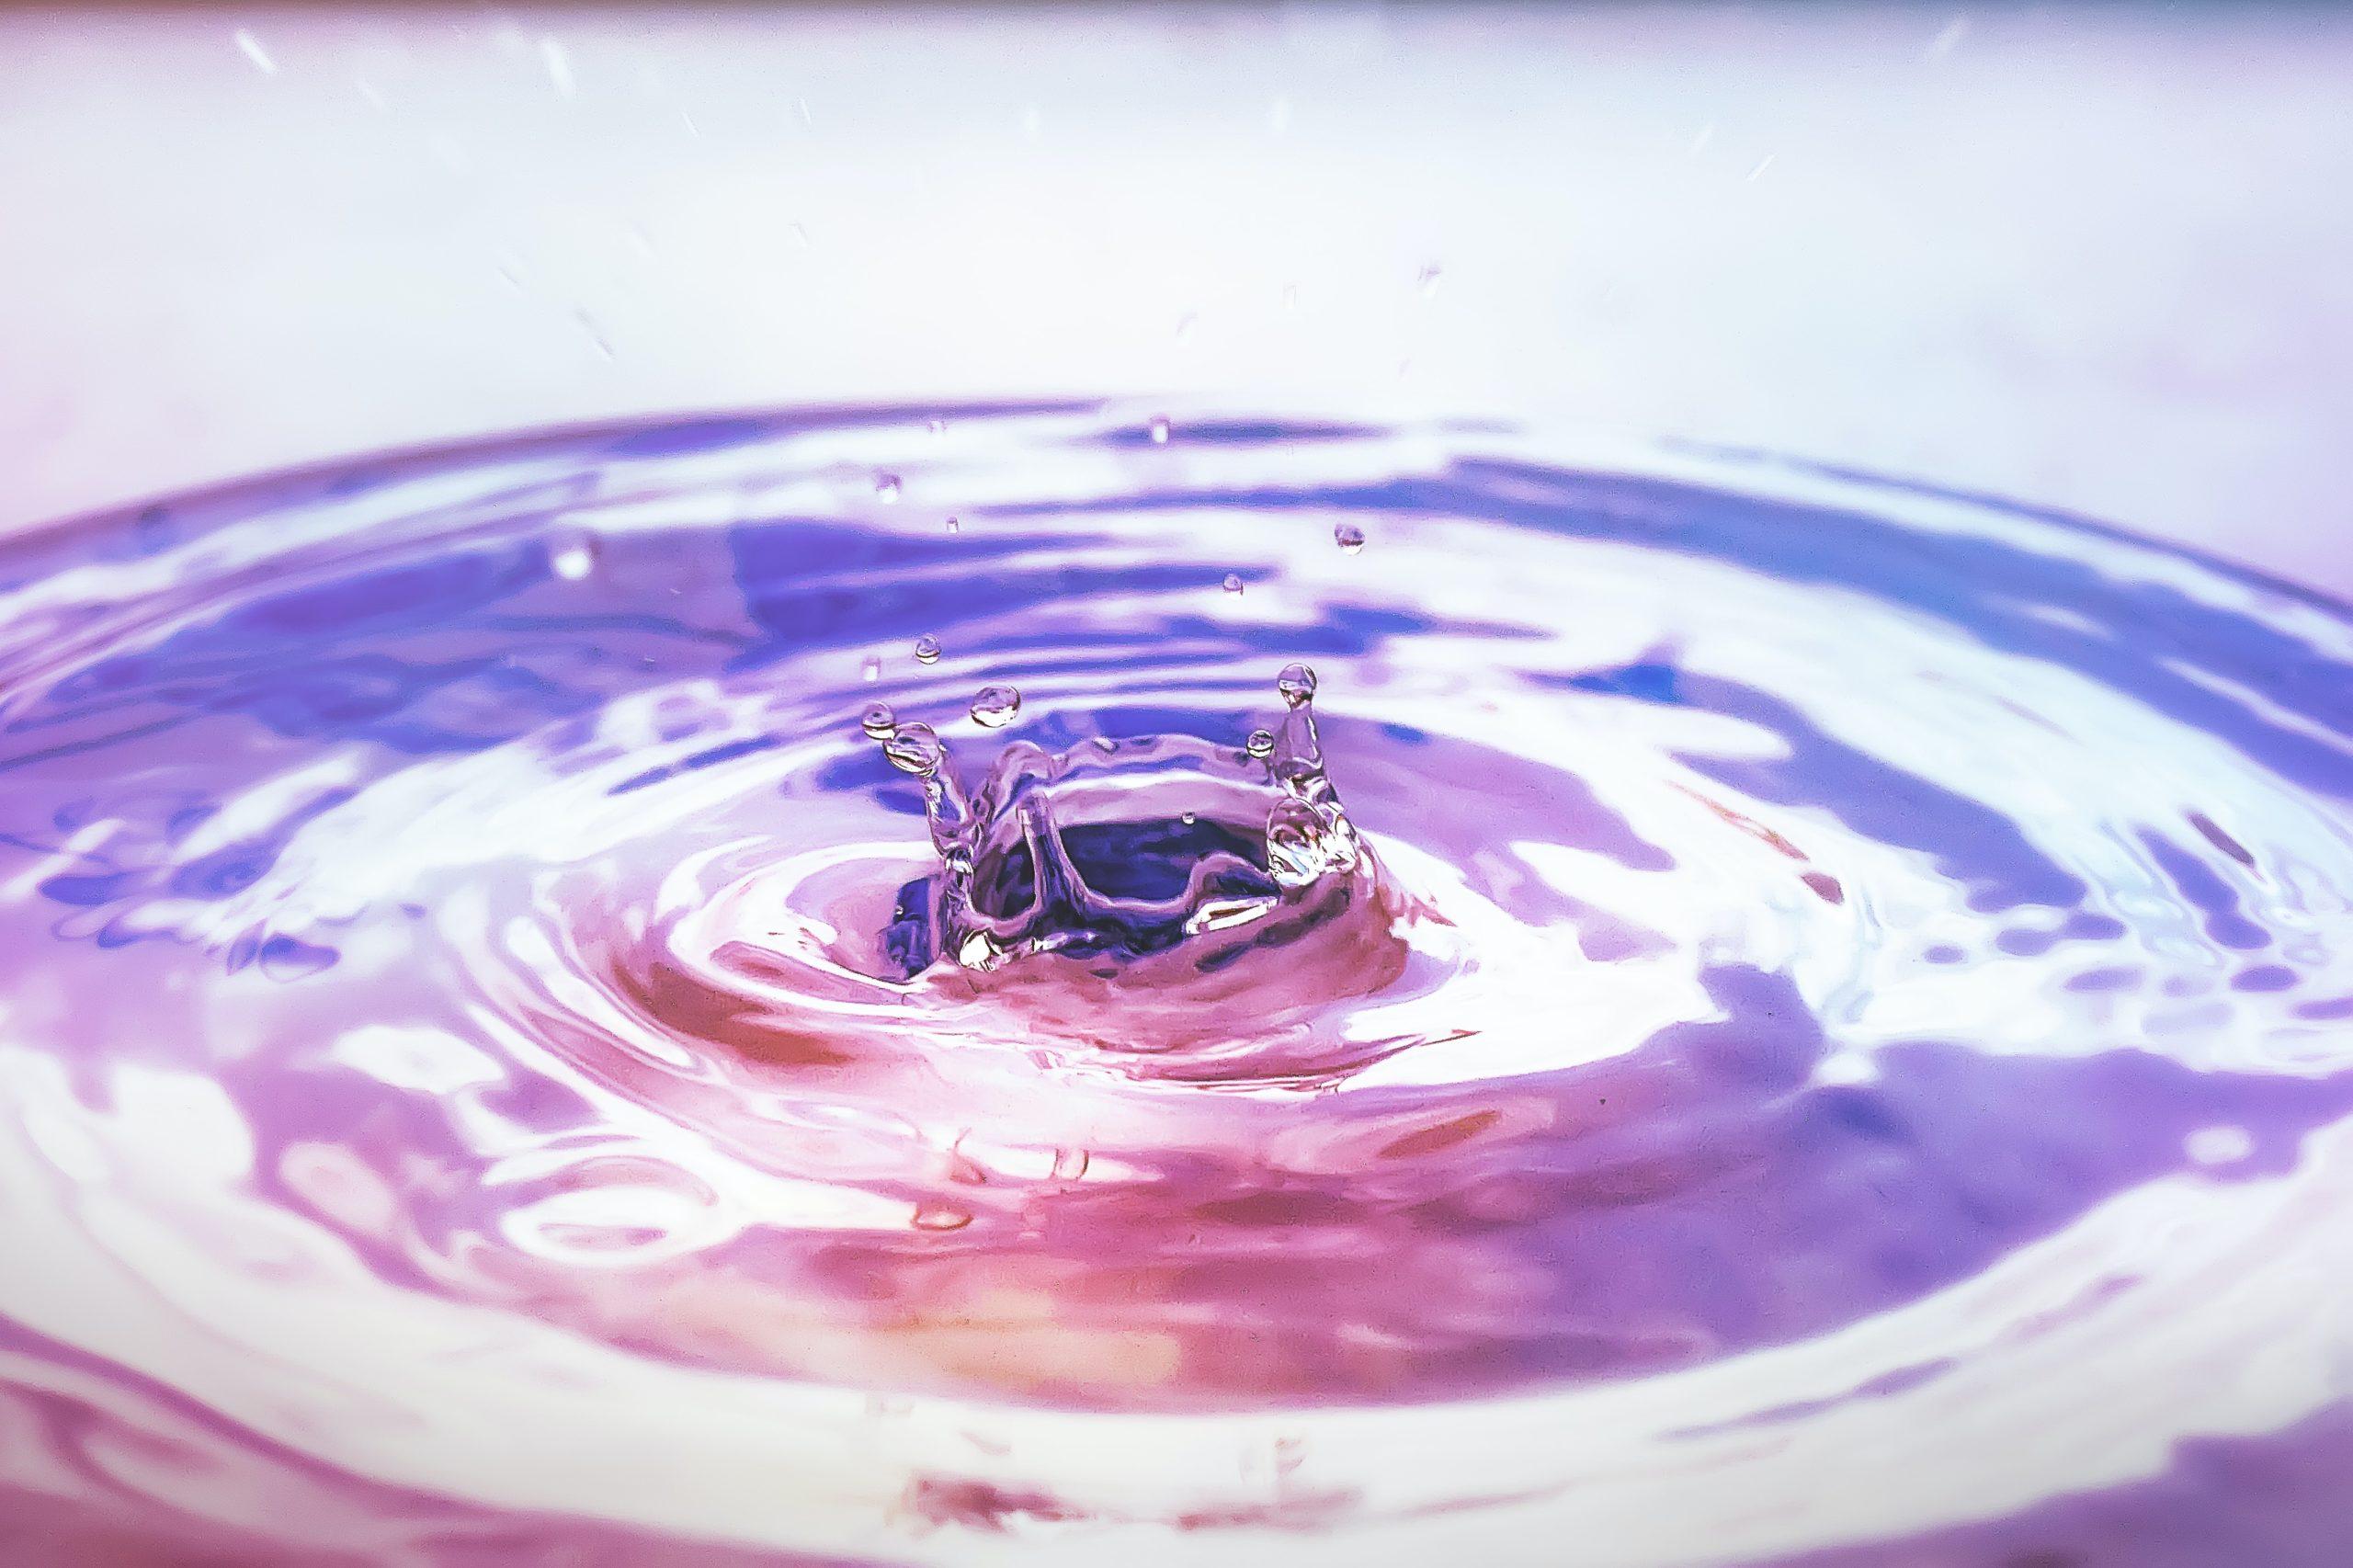 次亜塩素酸水生成器は塩と水だけで次亜塩素酸水ができる